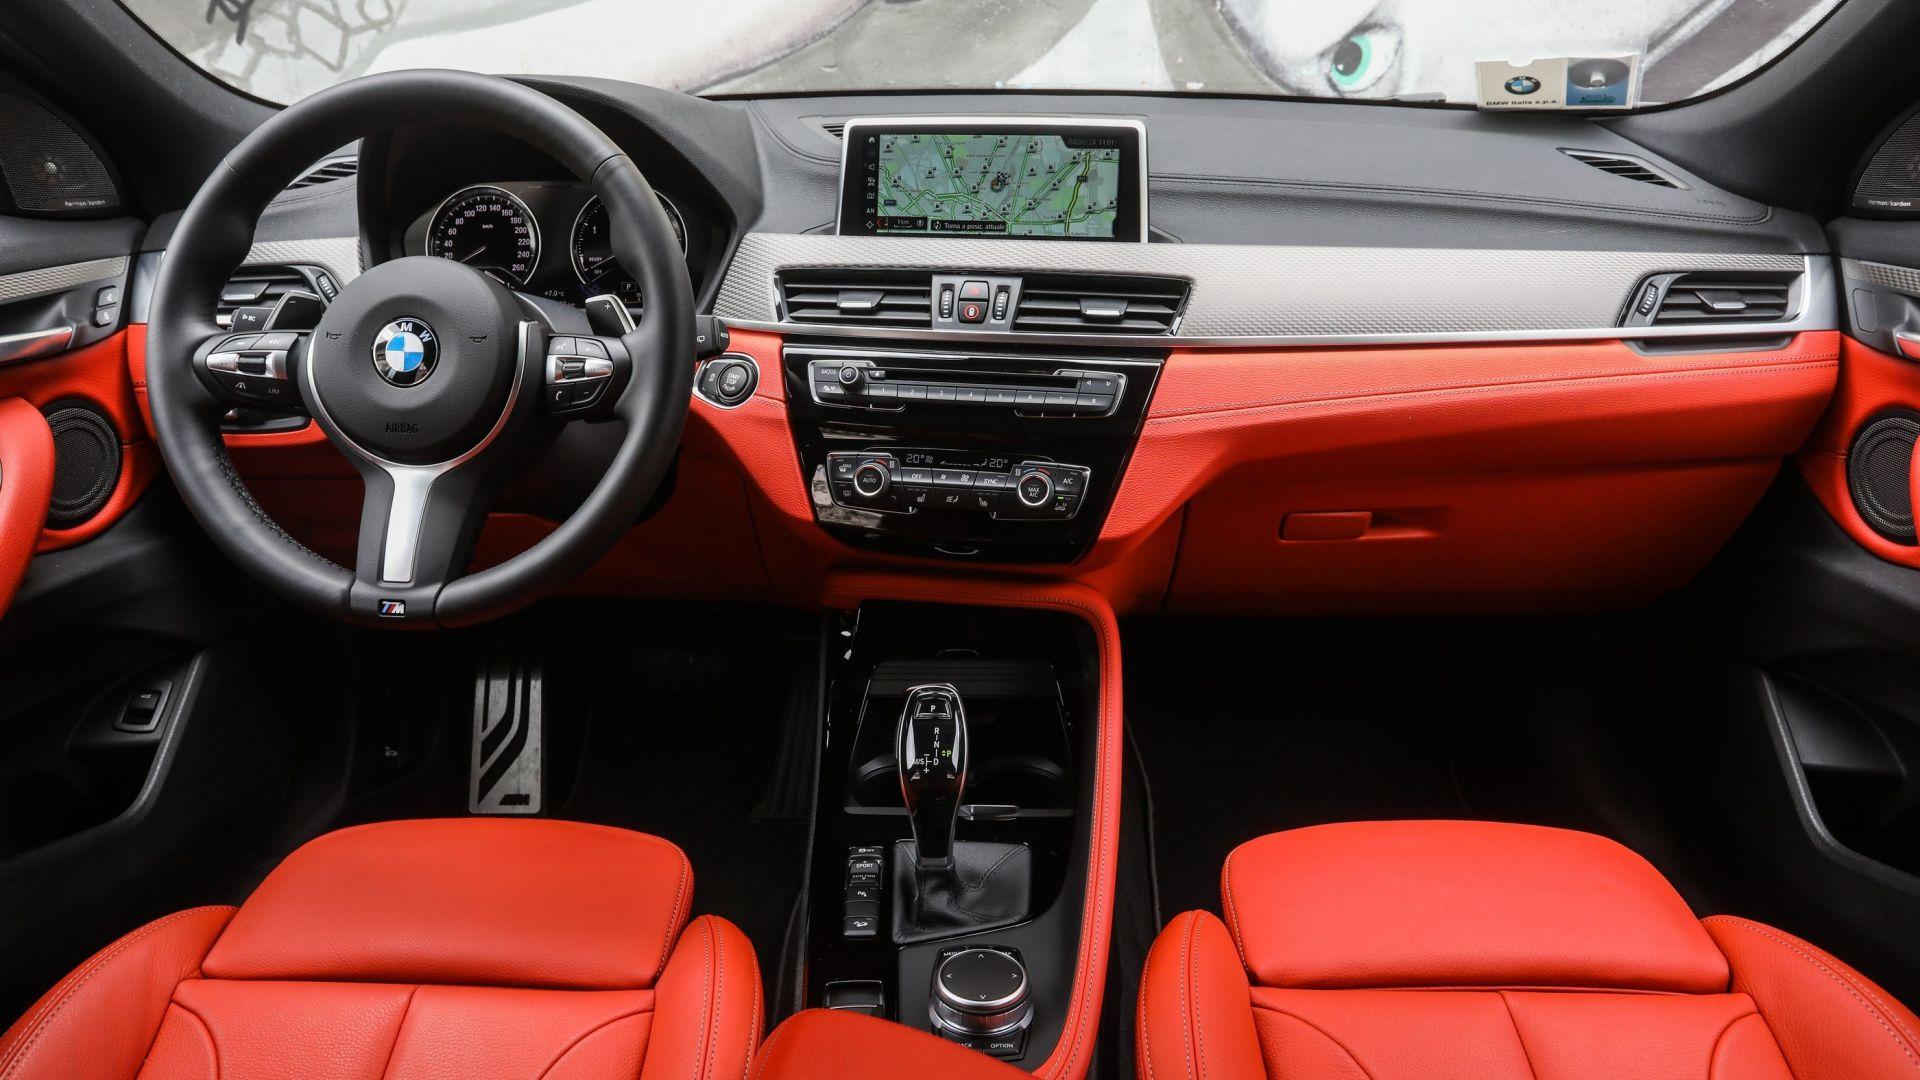 BMW 750 For Sale >> BMW X2 xDrive20d Msport: prova, dimensioni, interni ...